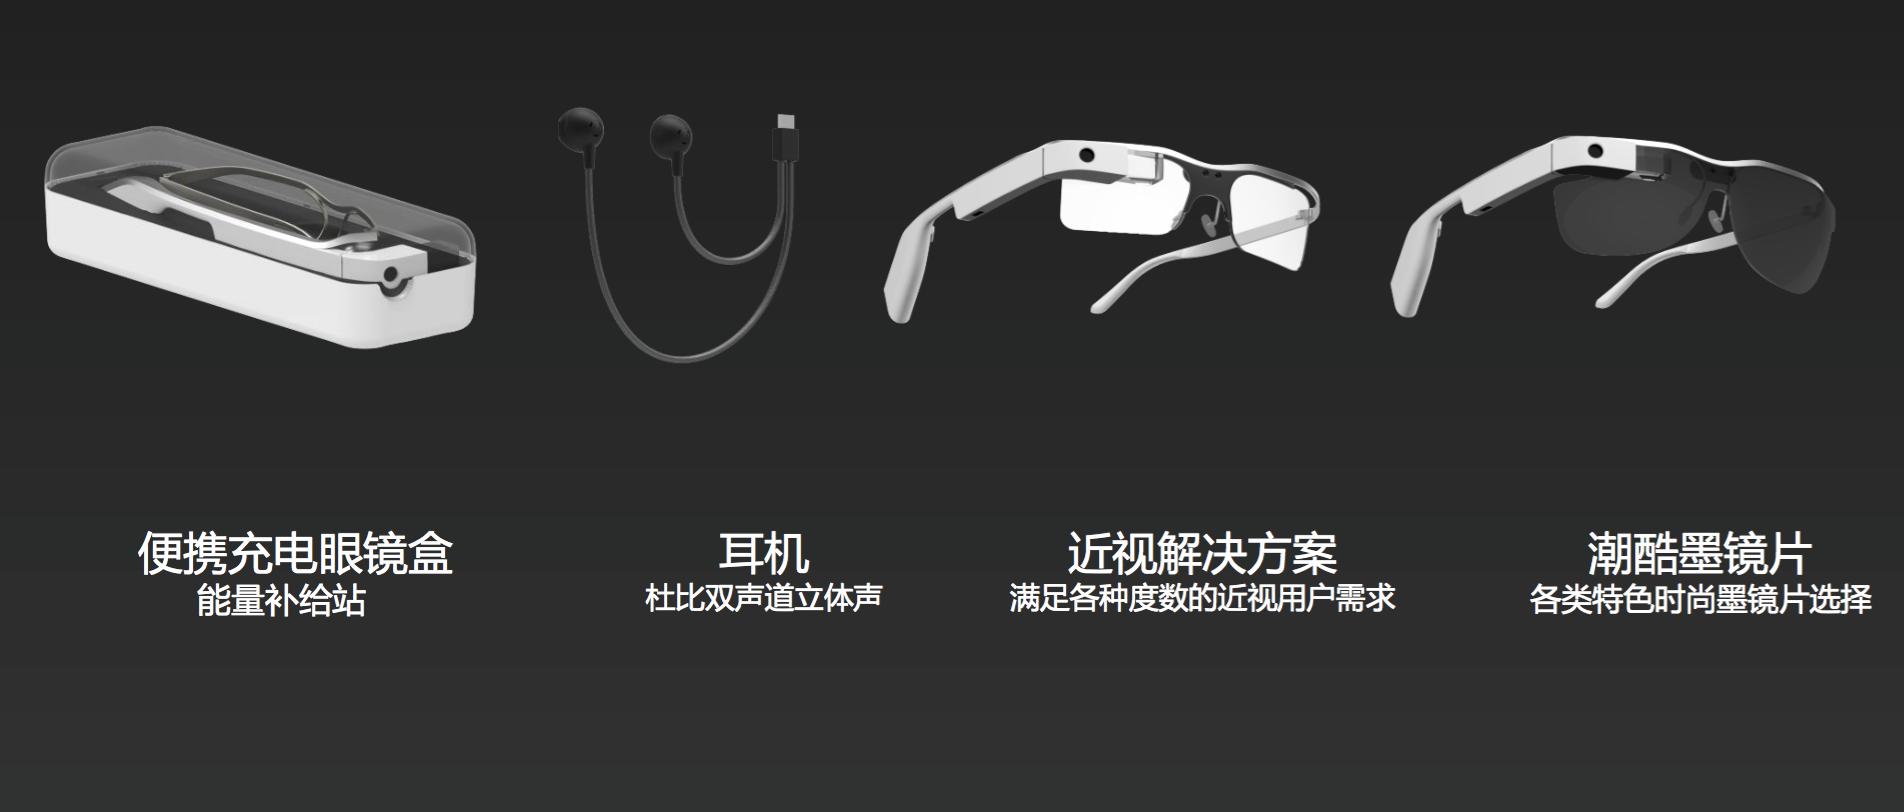 alto-glass-accessories